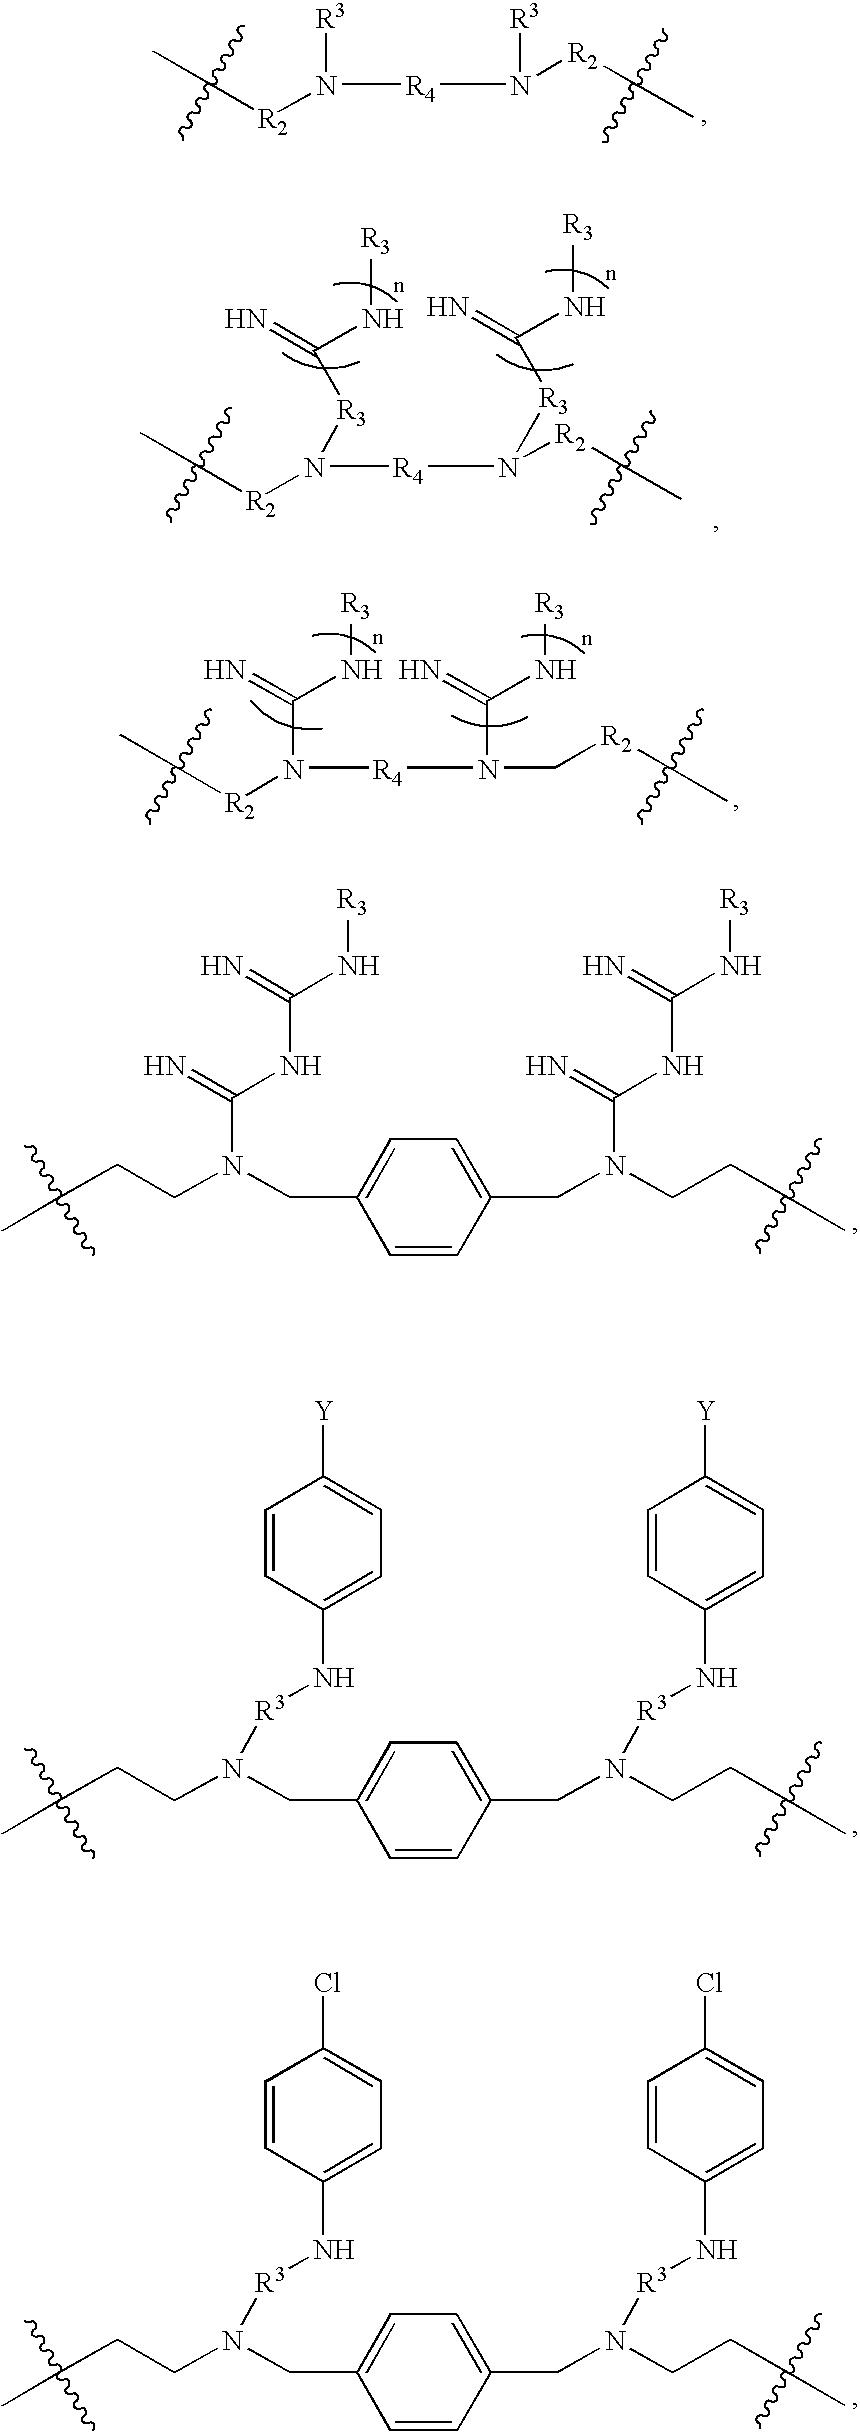 Figure US20090074833A1-20090319-C00037